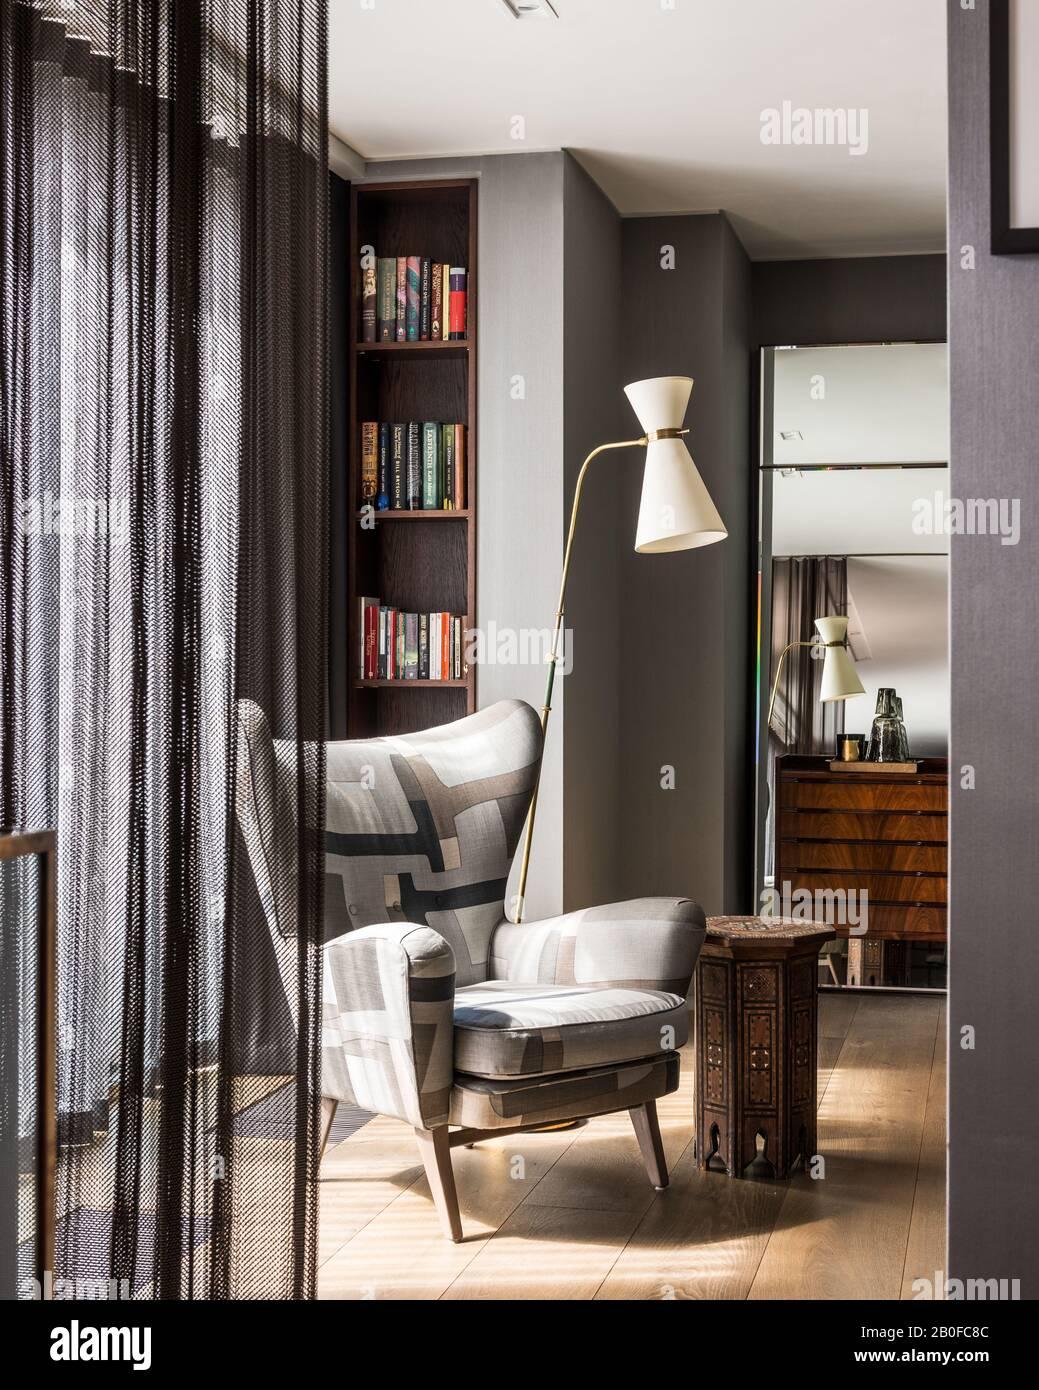 Lampada da terra Diablo Modernist e sedia imbottita nella camera da letto dell'appartamento West London Foto Stock